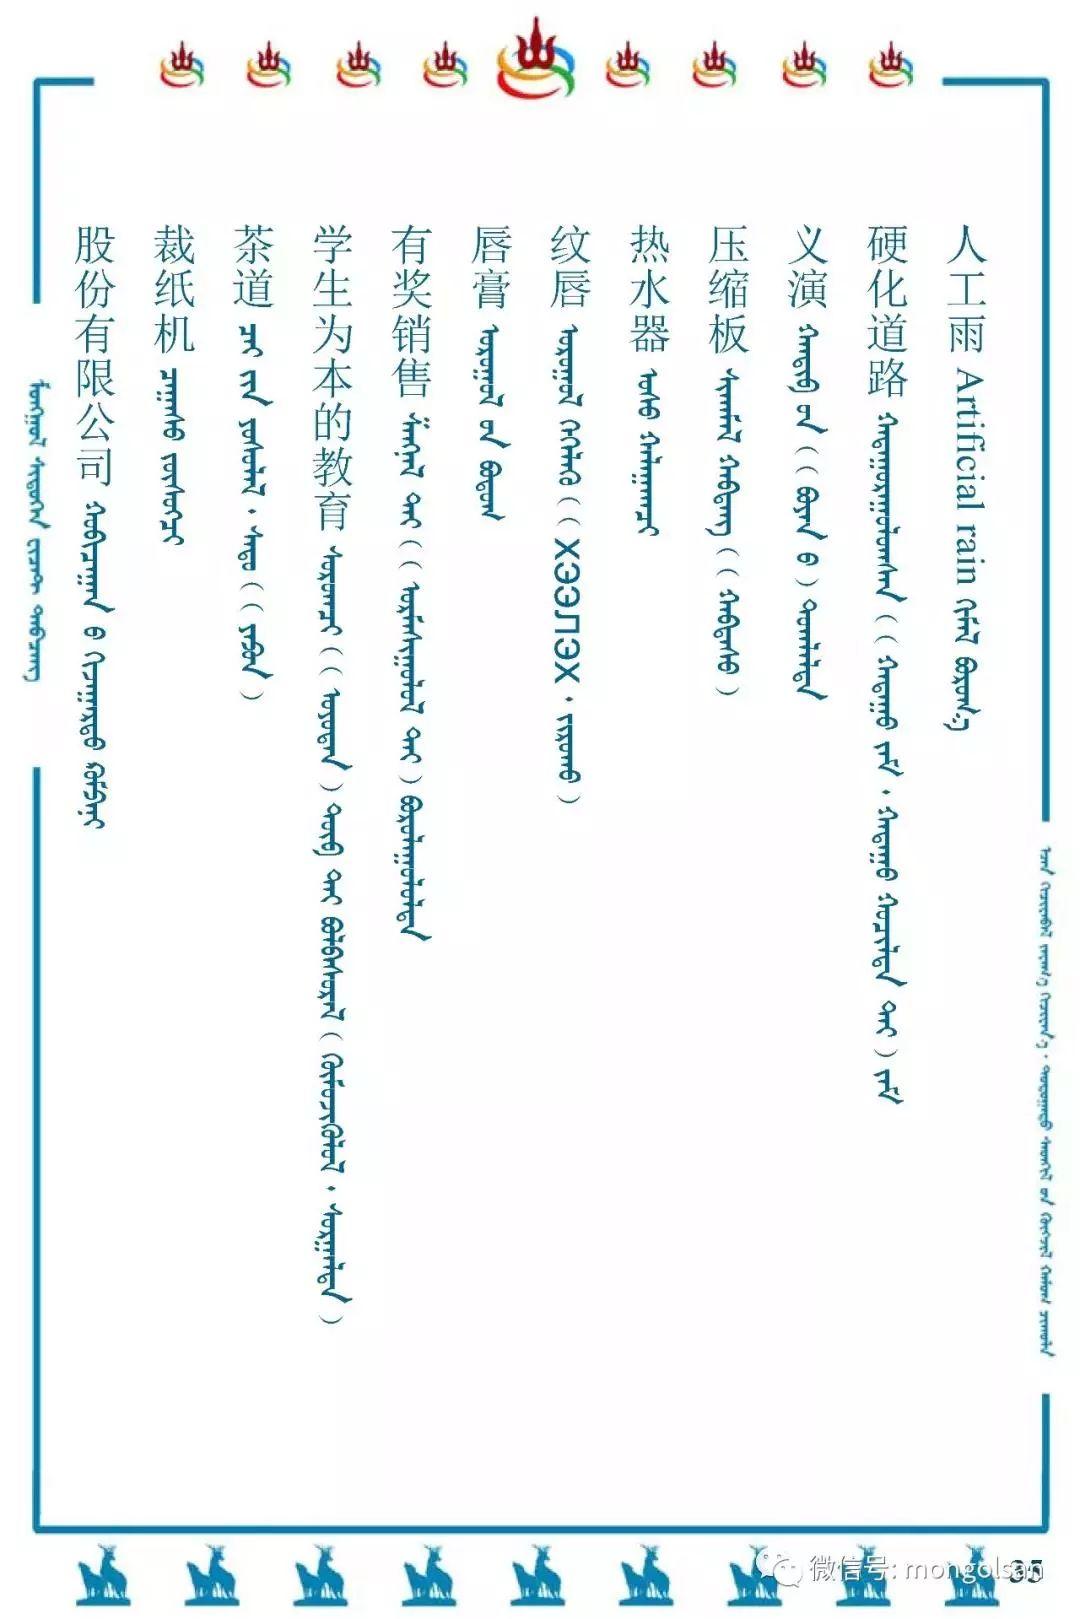 最新名词蒙古语翻译参考 第35张